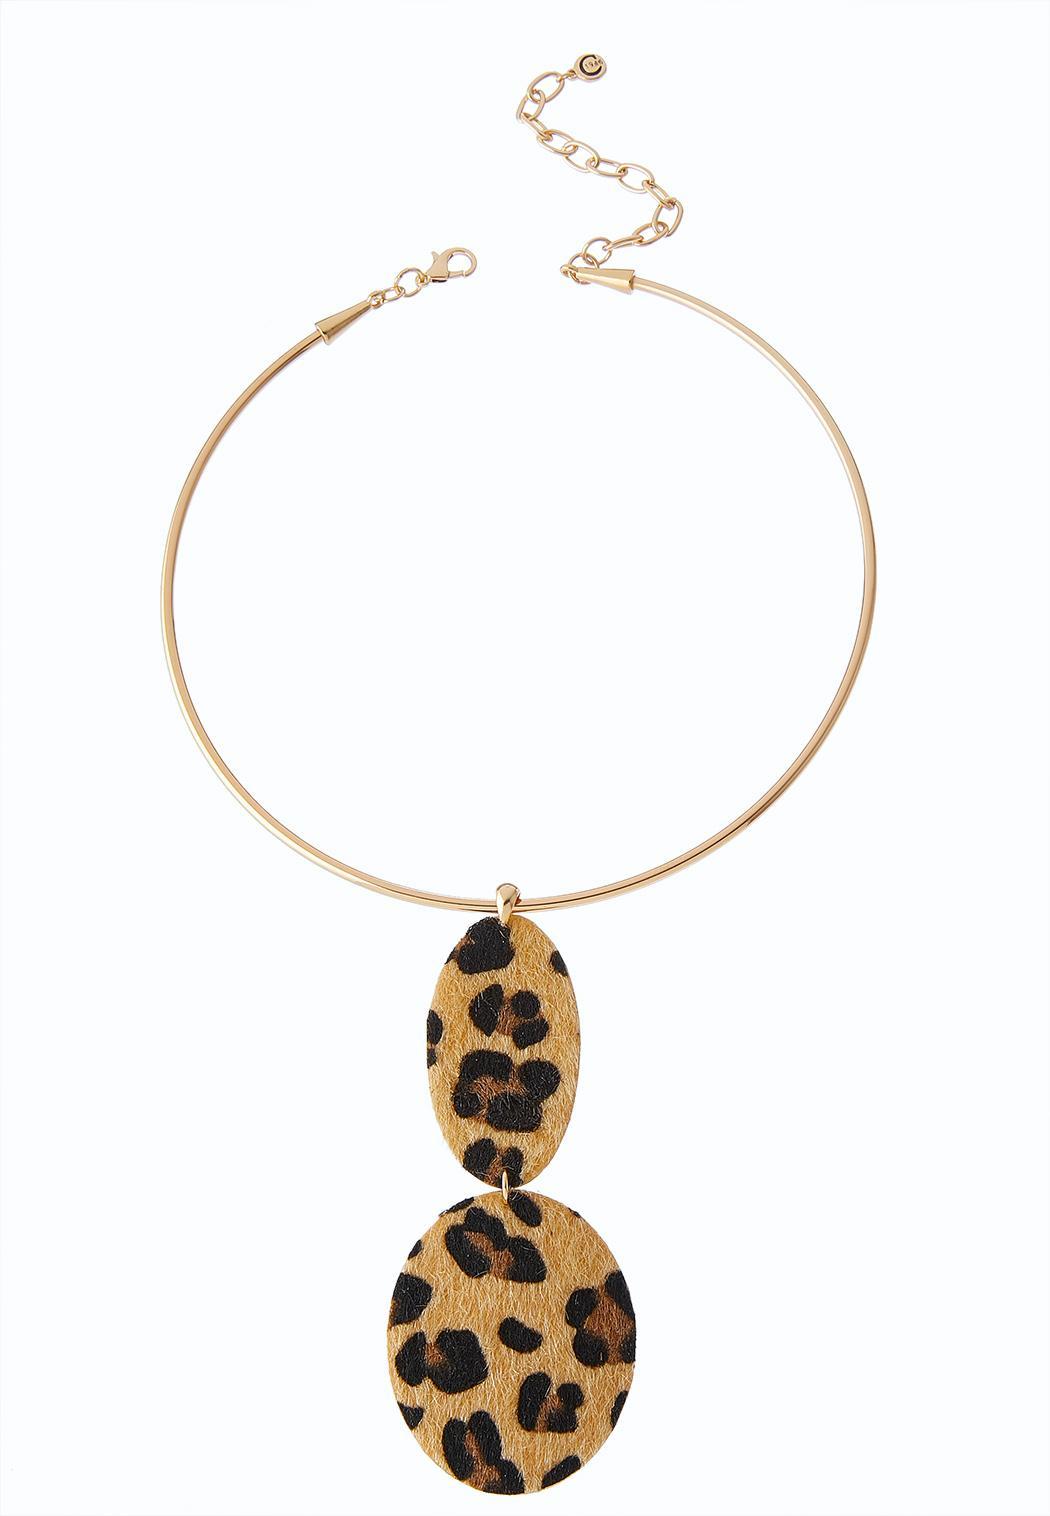 Textured Leopard Pendant Necklace